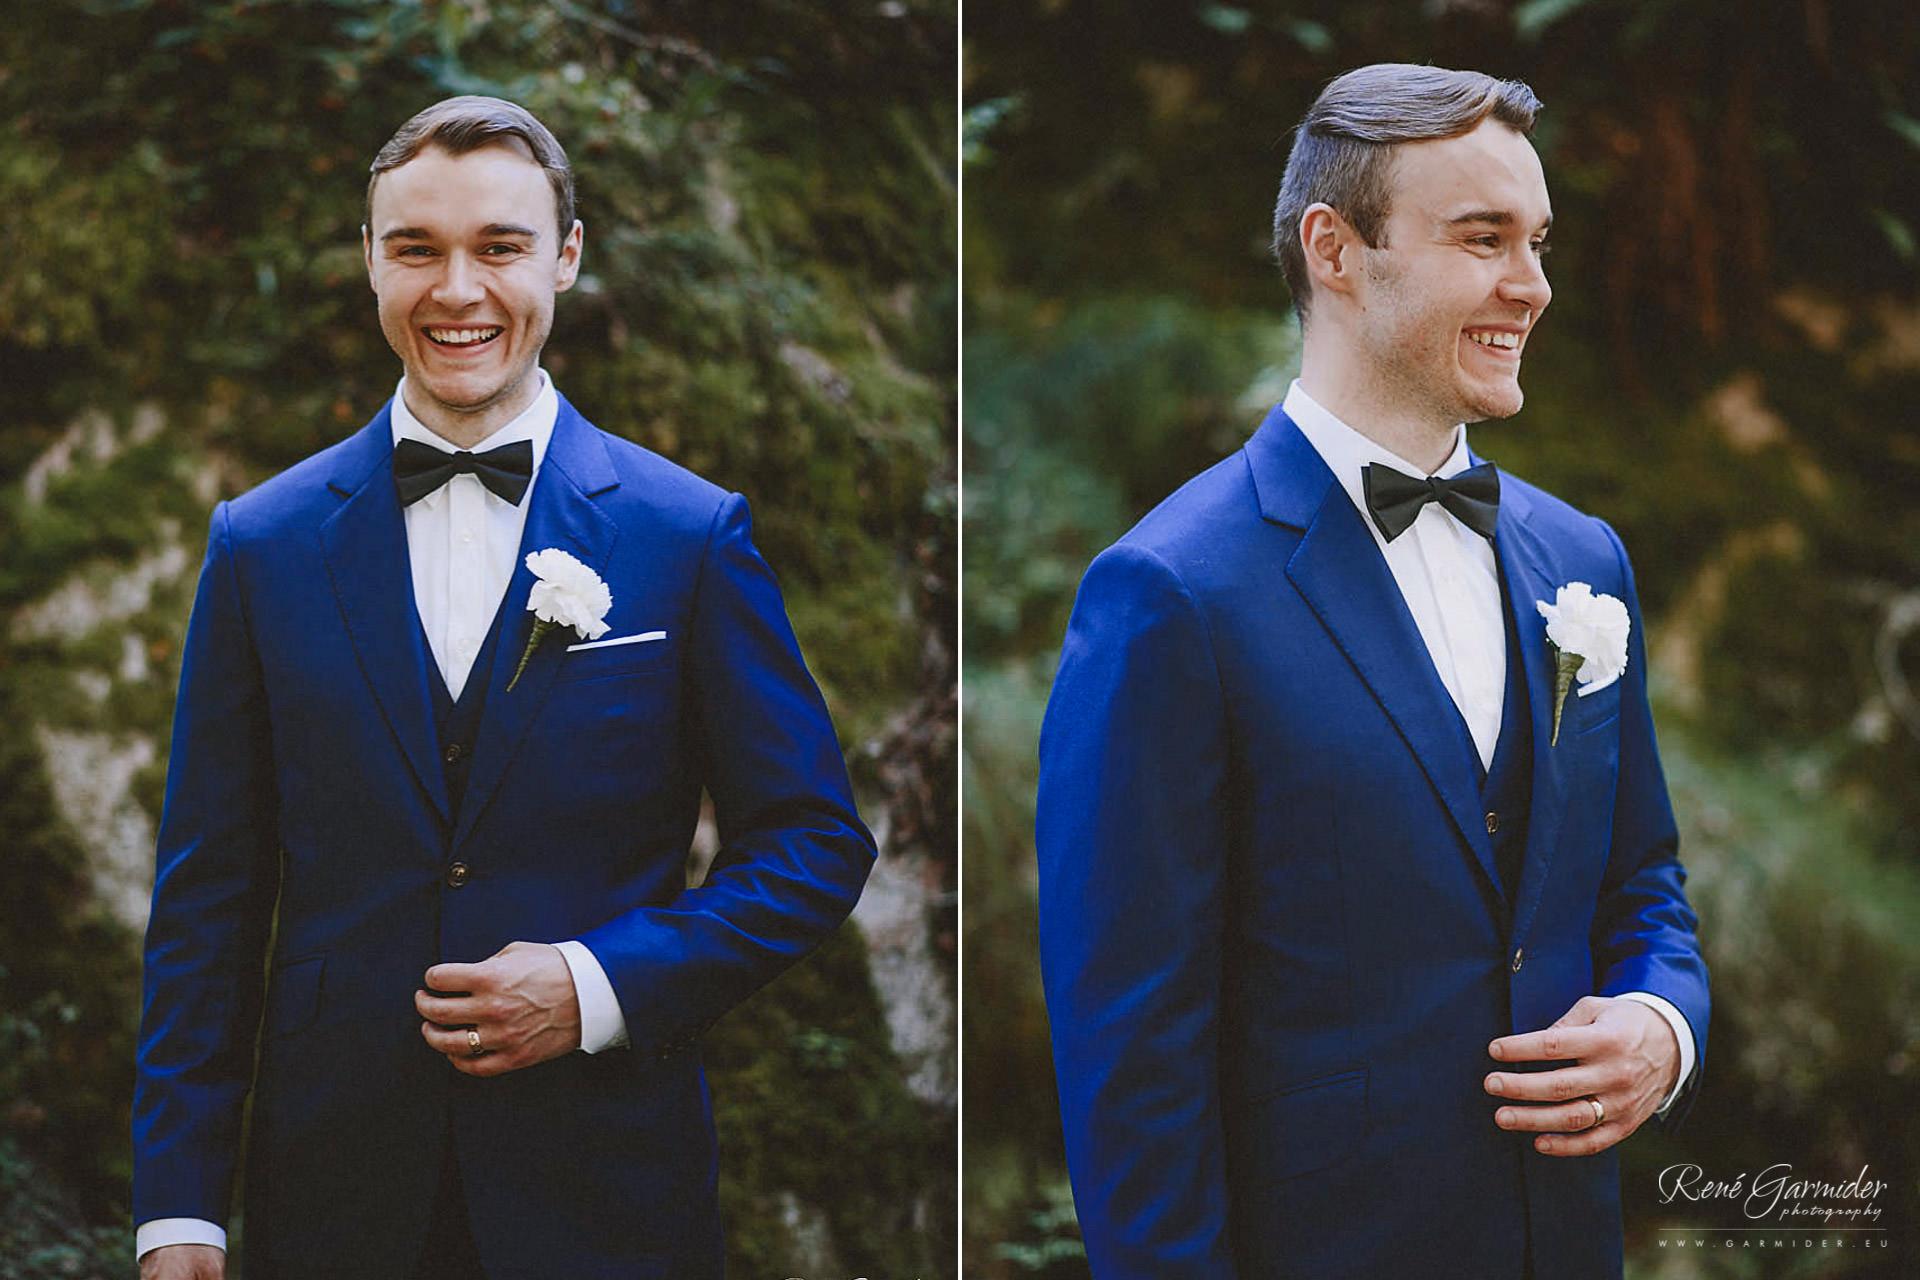 destination-wedding-photography-finland-miljookuvaus-haakuvaus-haakuvaaja-leena-juri-46